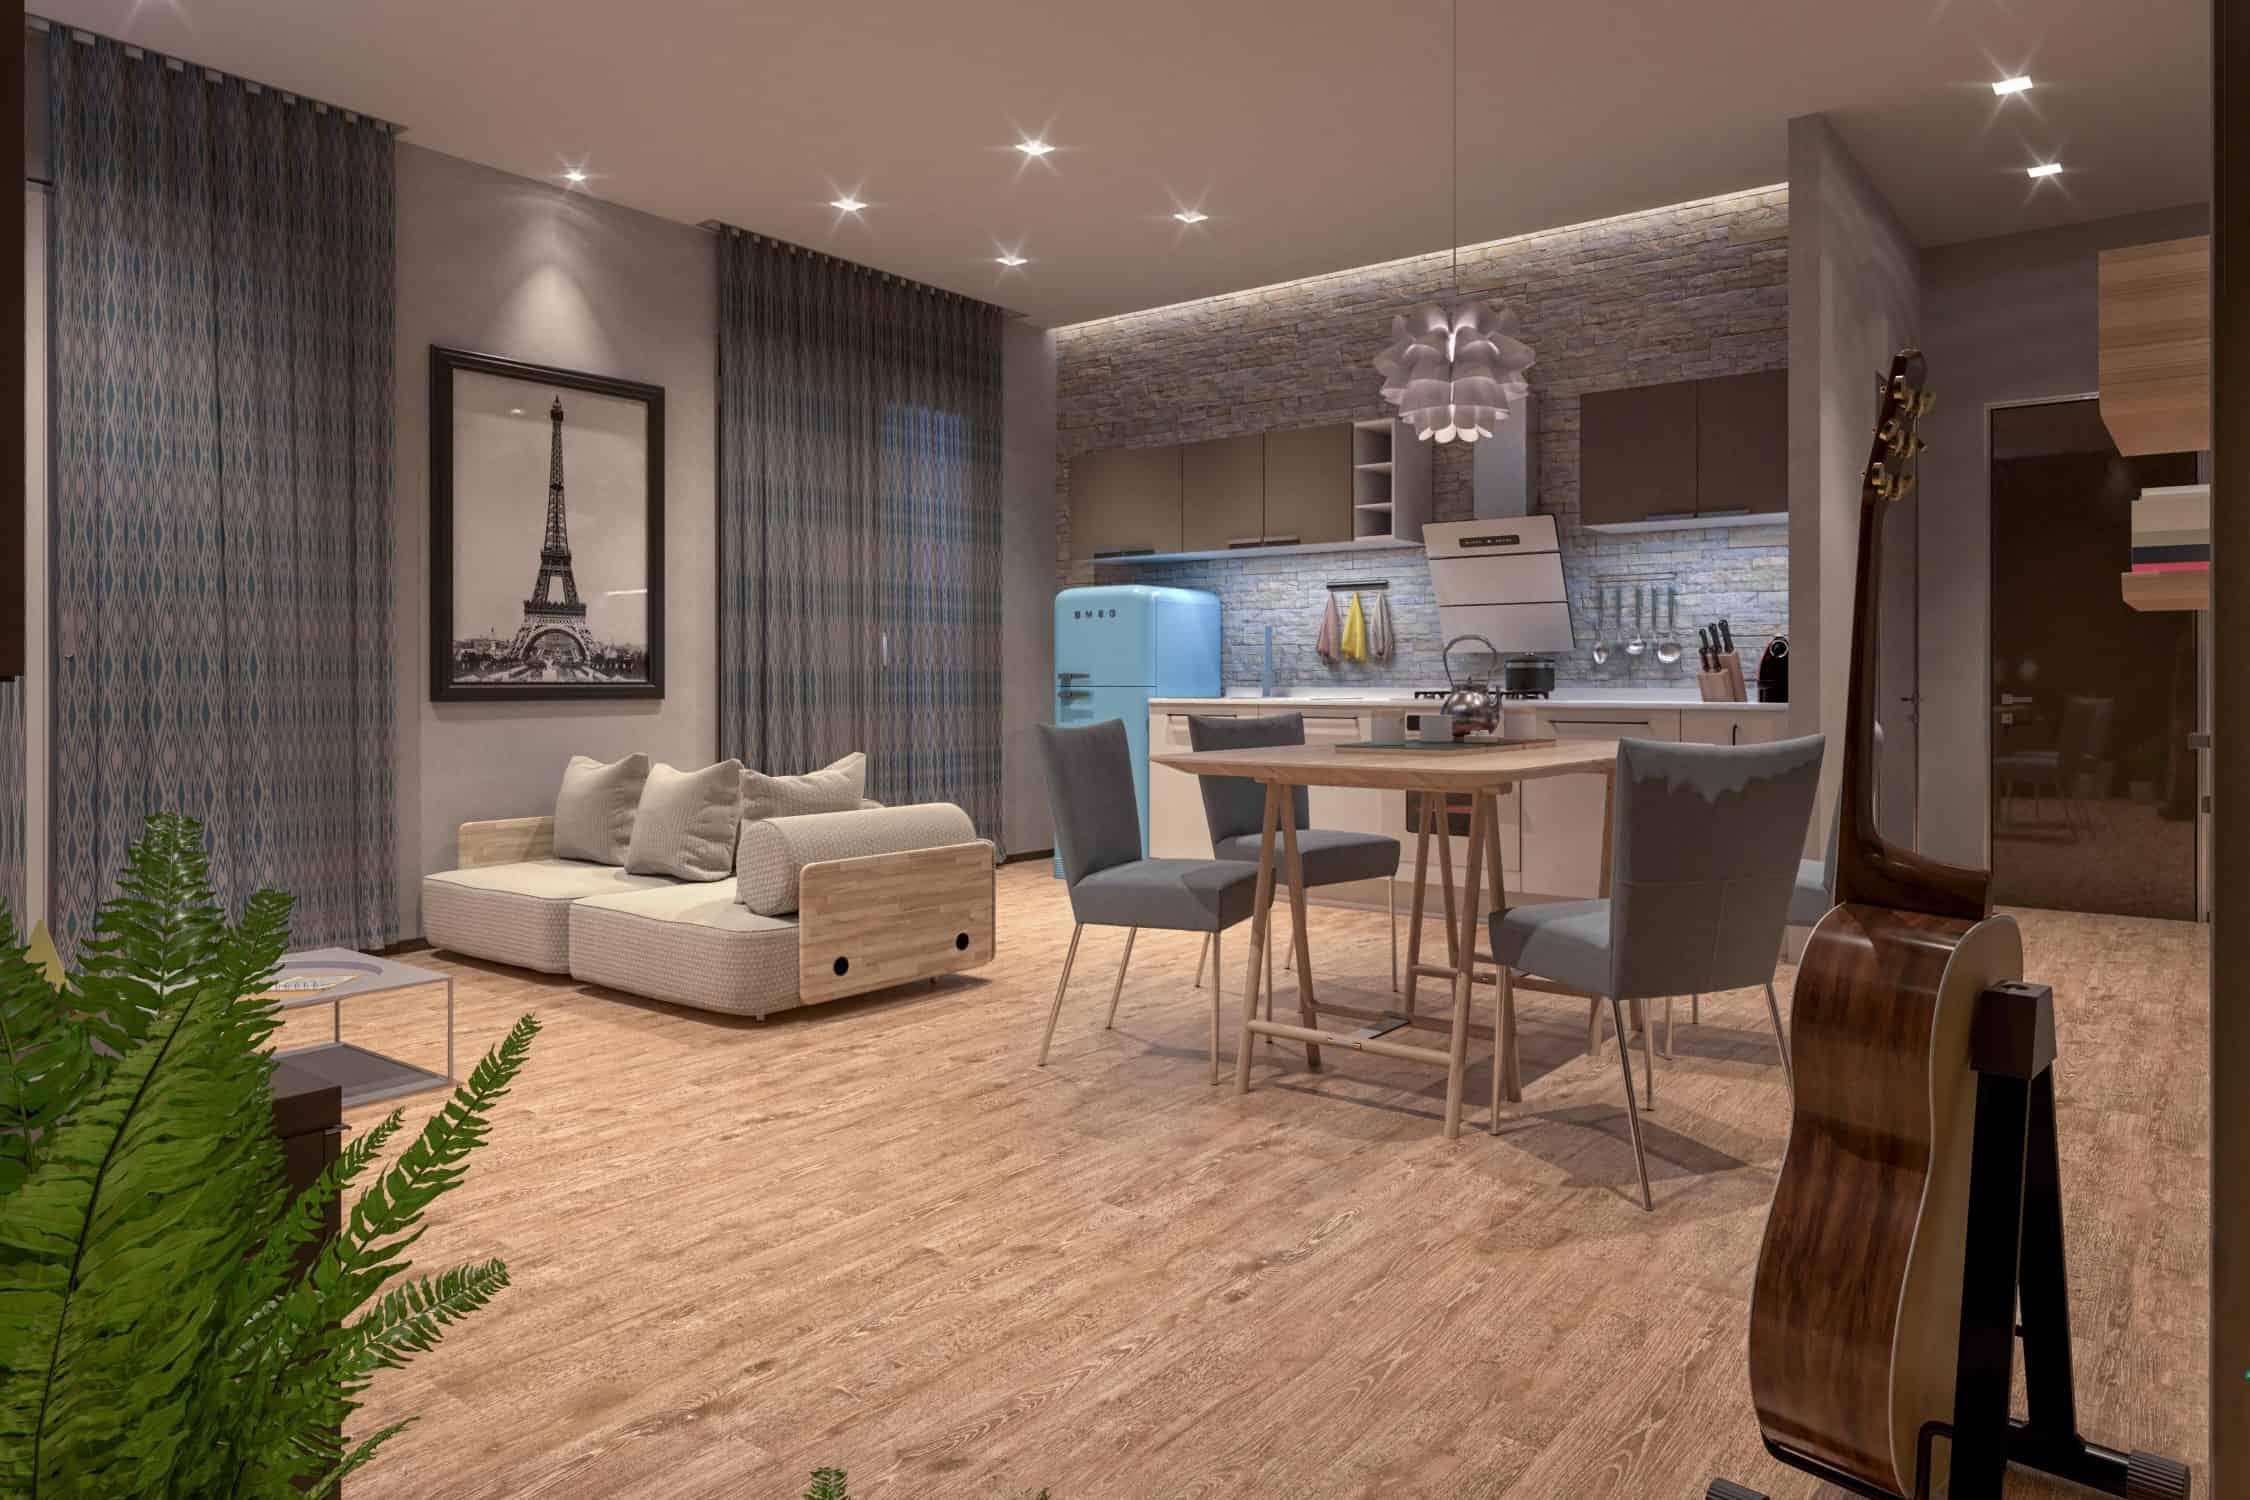 render - design - architettura interni - soggiorno cucina